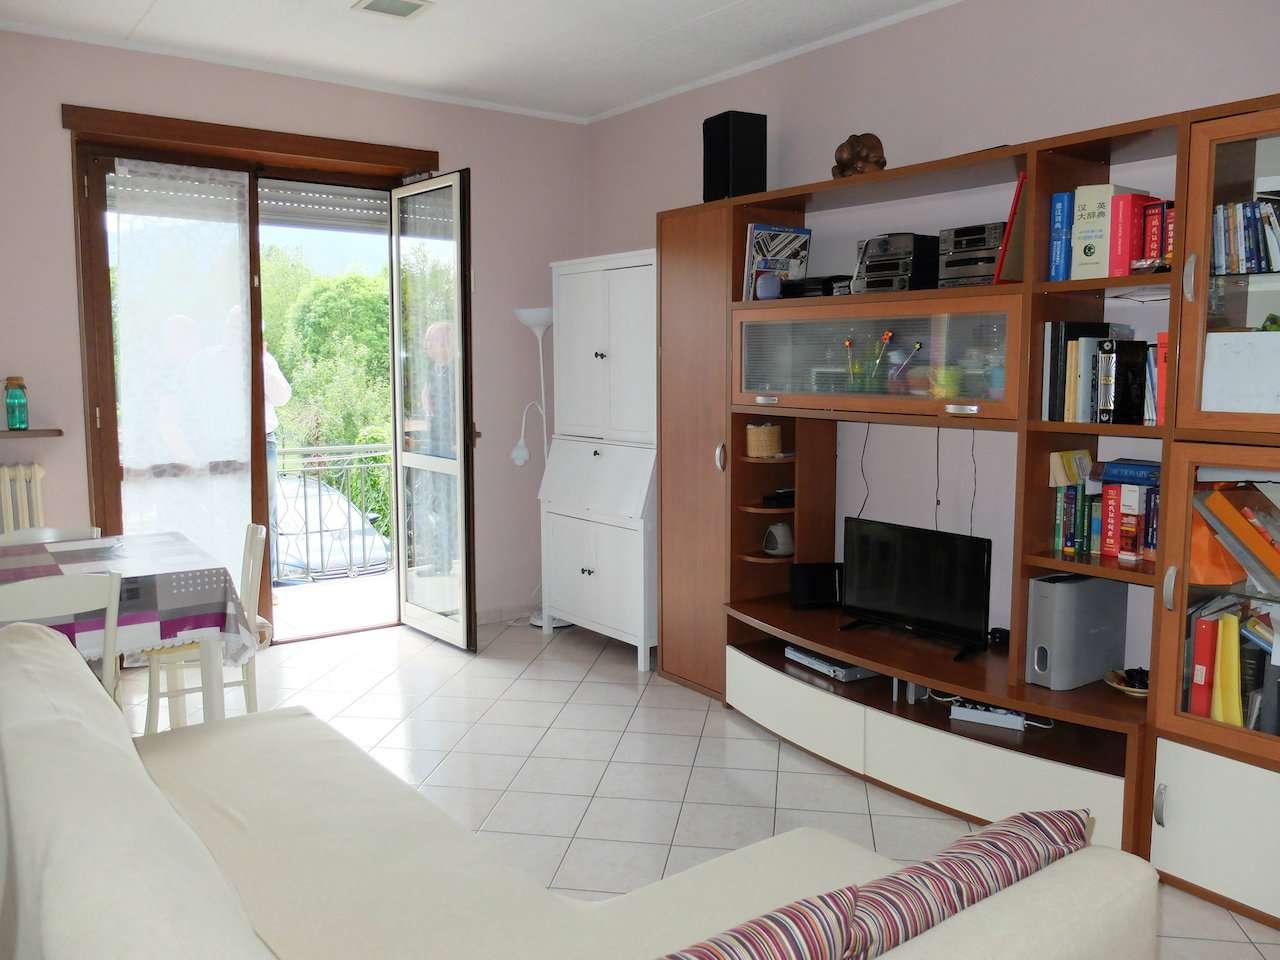 Appartamento in Vendita a Almese Centro: 3 locali, 91 mq